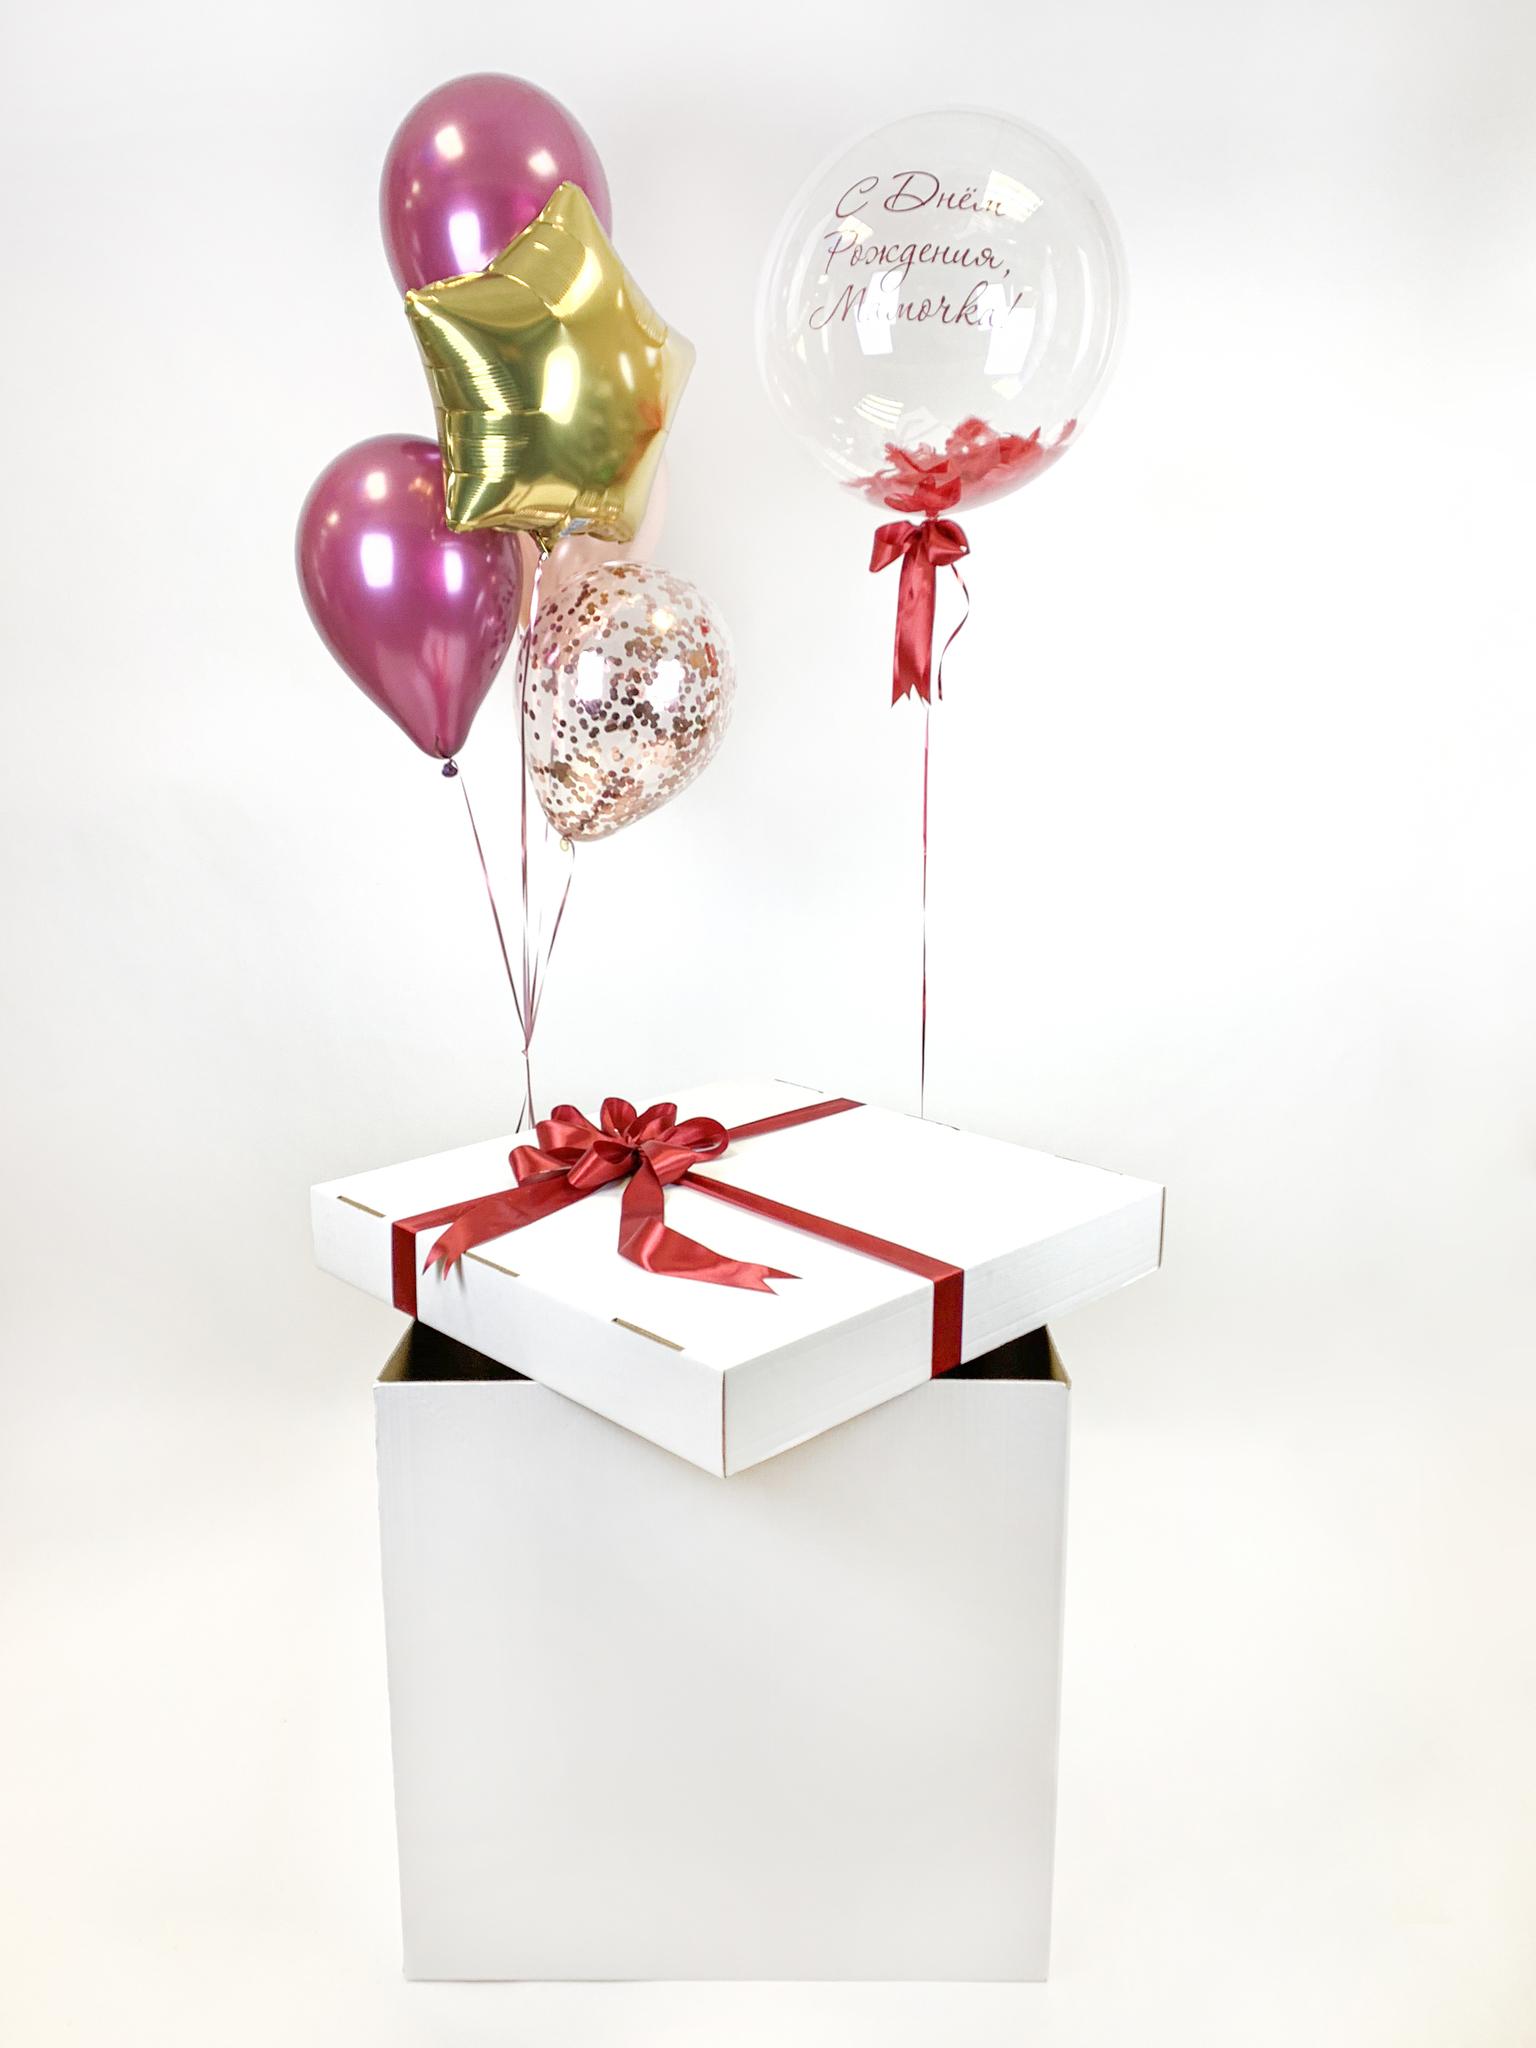 Шары в коробке Коробка с воздушными шарами image-18-11-19-03-01-11.jpg